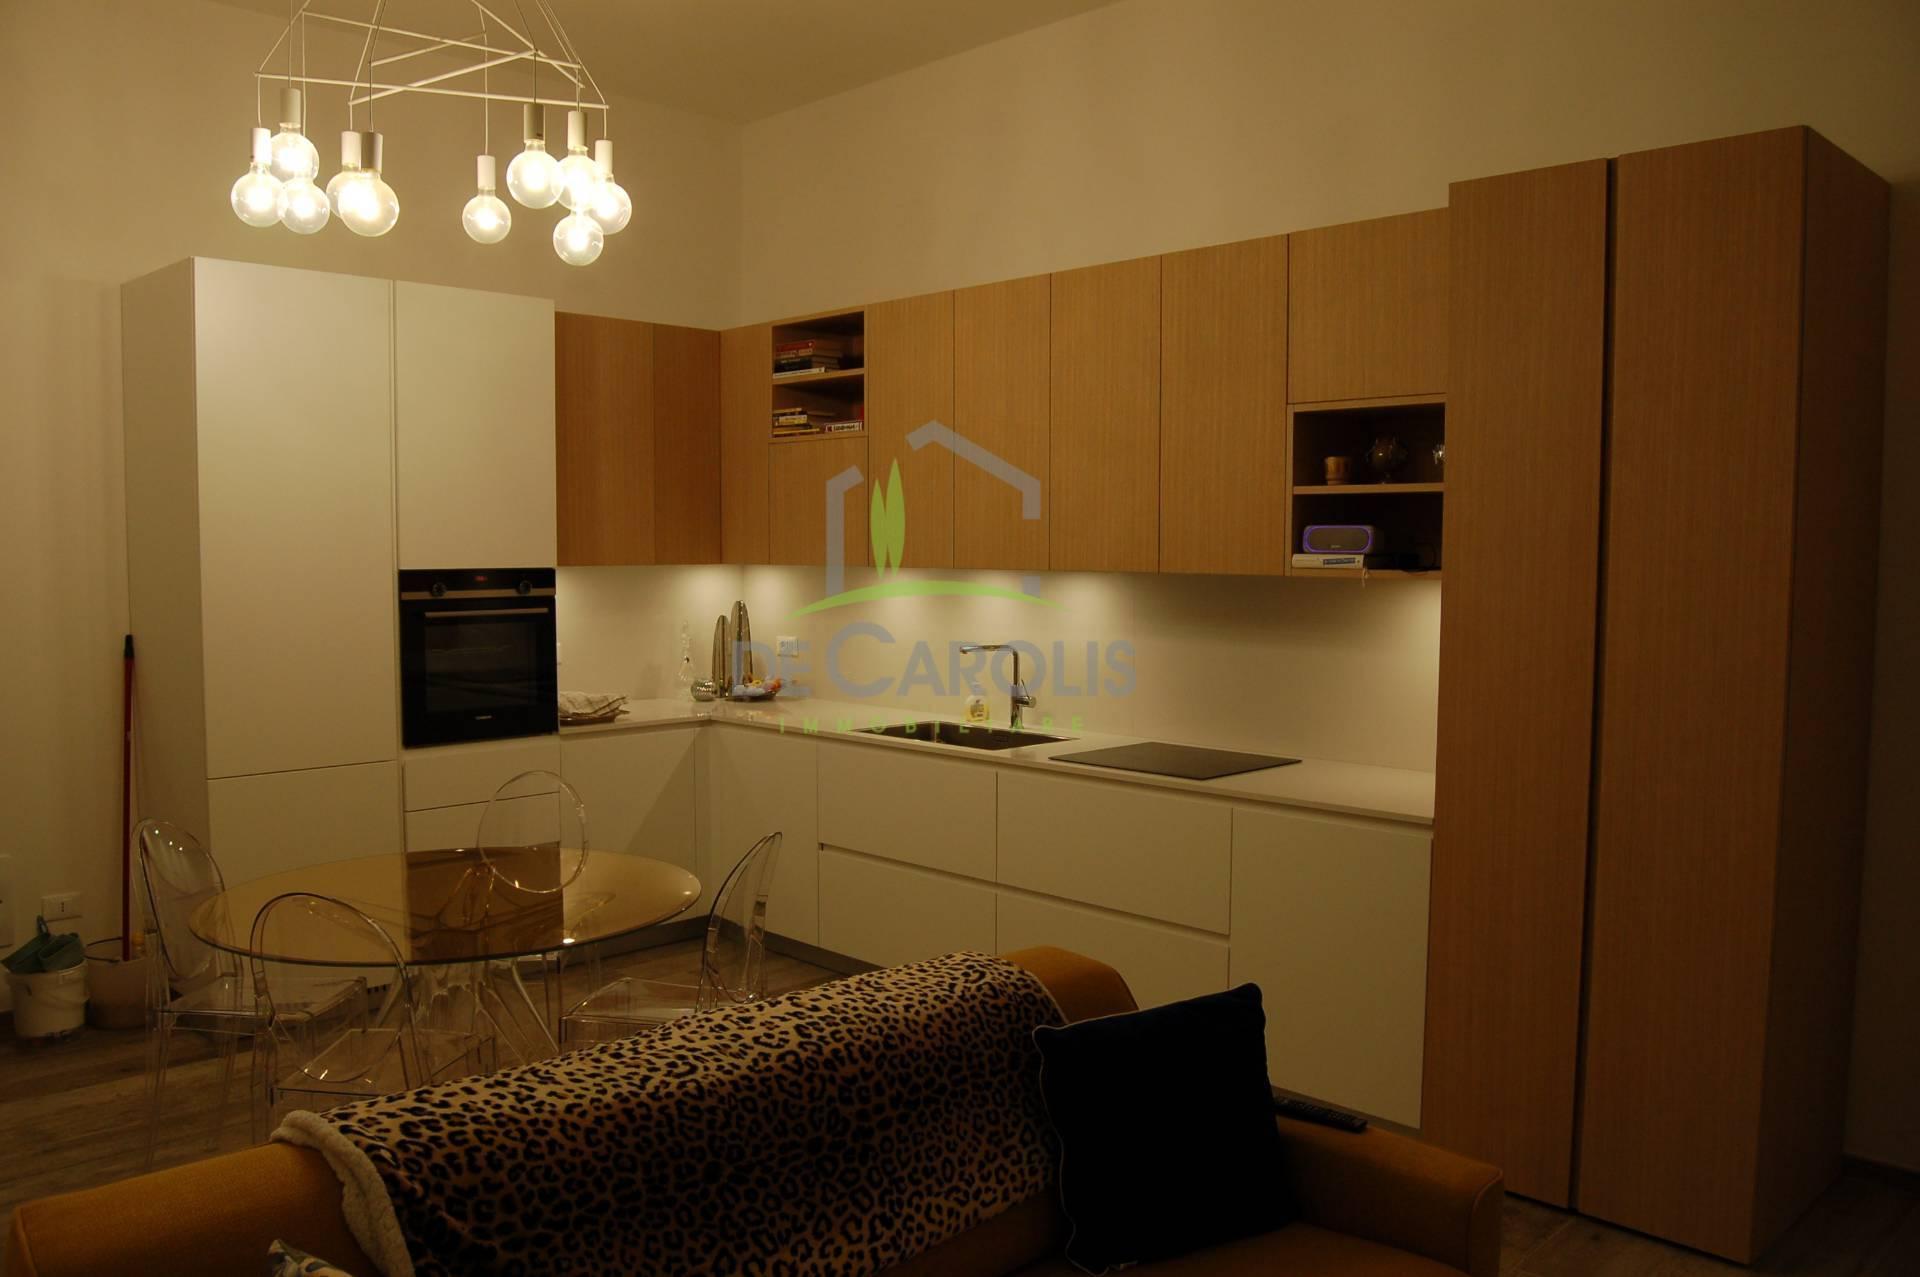 Appartamento in affitto a Ascoli Piceno, 5 locali, zona Località: CentroStorico, prezzo € 700 | PortaleAgenzieImmobiliari.it